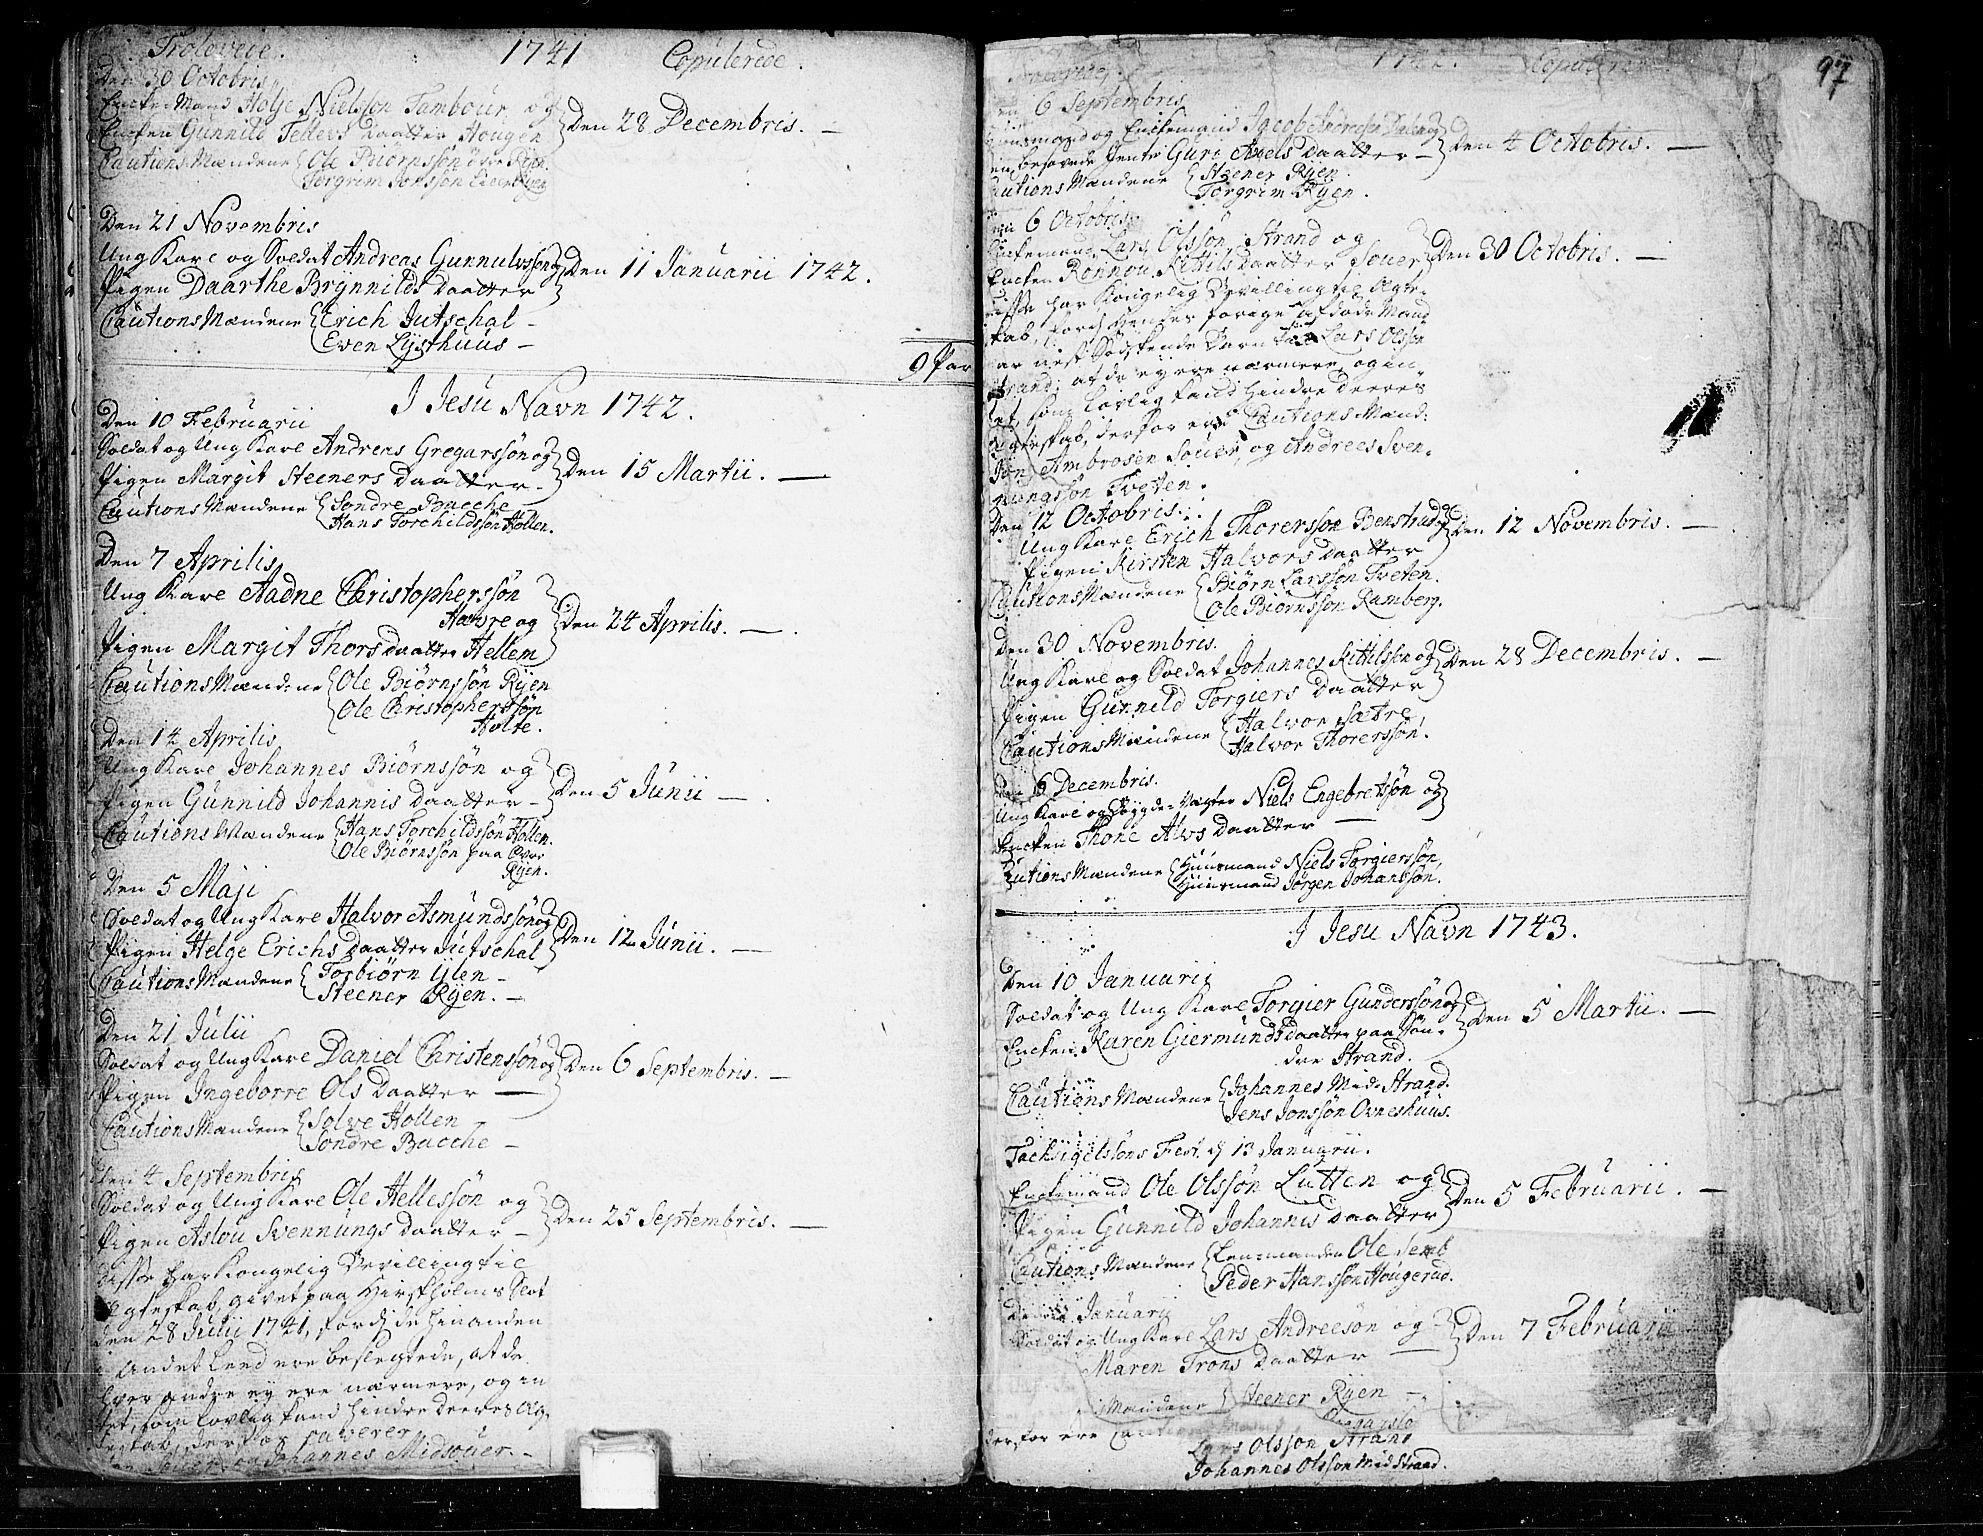 SAKO, Heddal kirkebøker, F/Fa/L0003: Ministerialbok nr. I 3, 1723-1783, s. 97